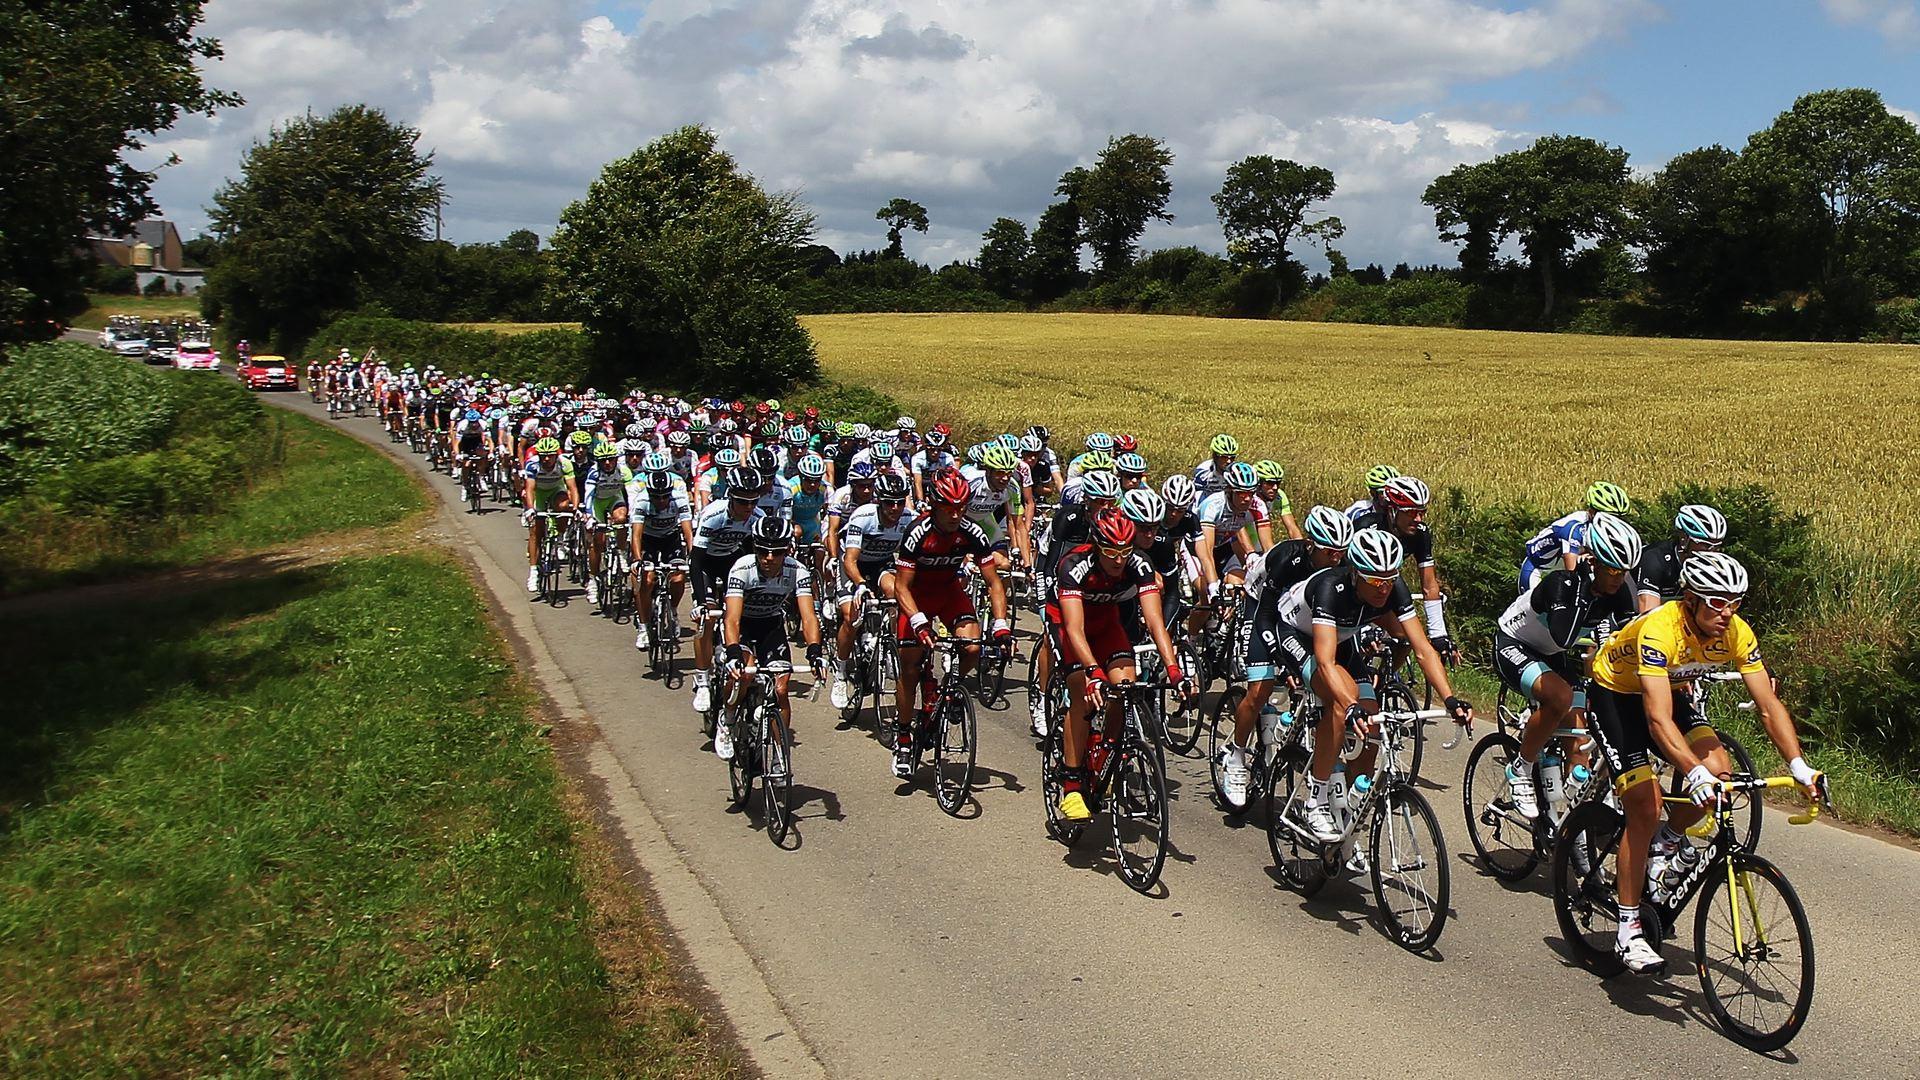 Fonds dcran Tour De France tous les wallpapers Tour De France 1920x1080